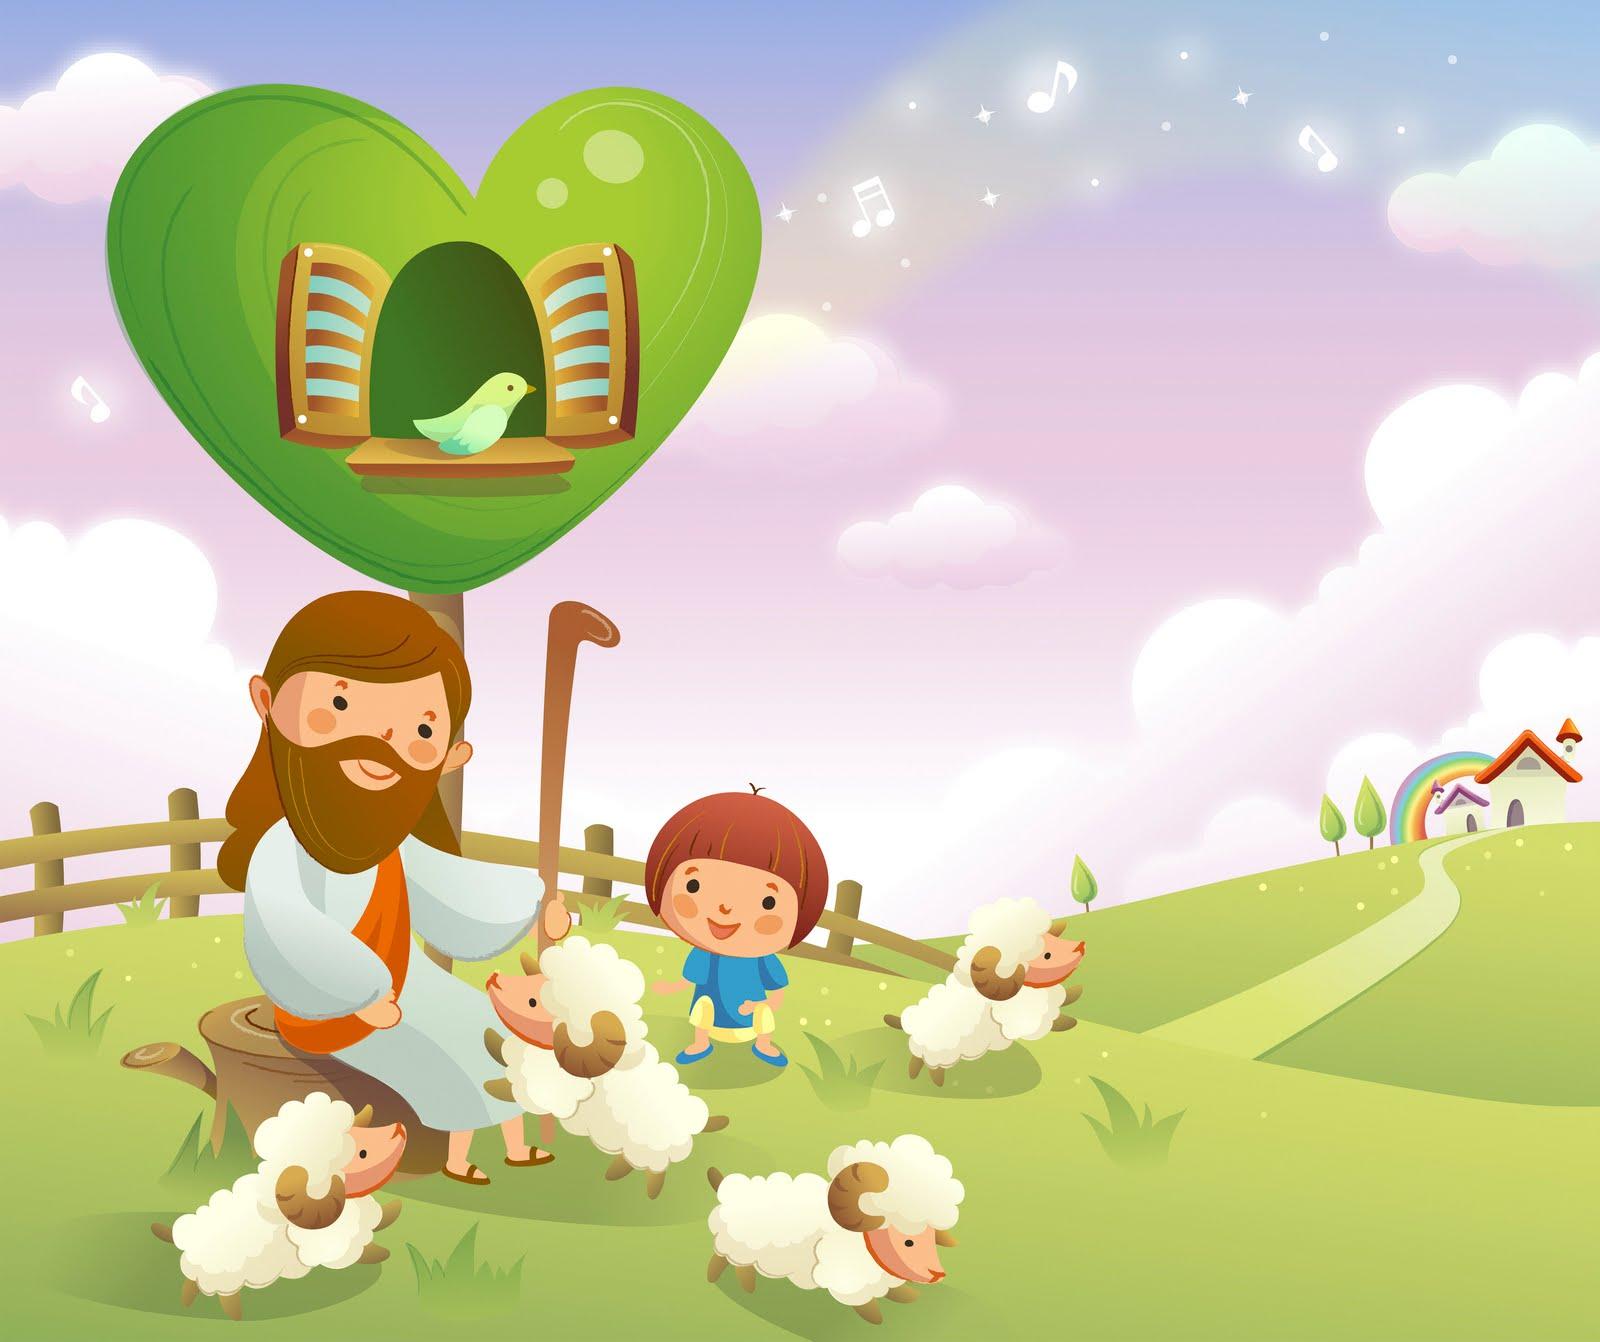 Imagenes de Jesus: para niños